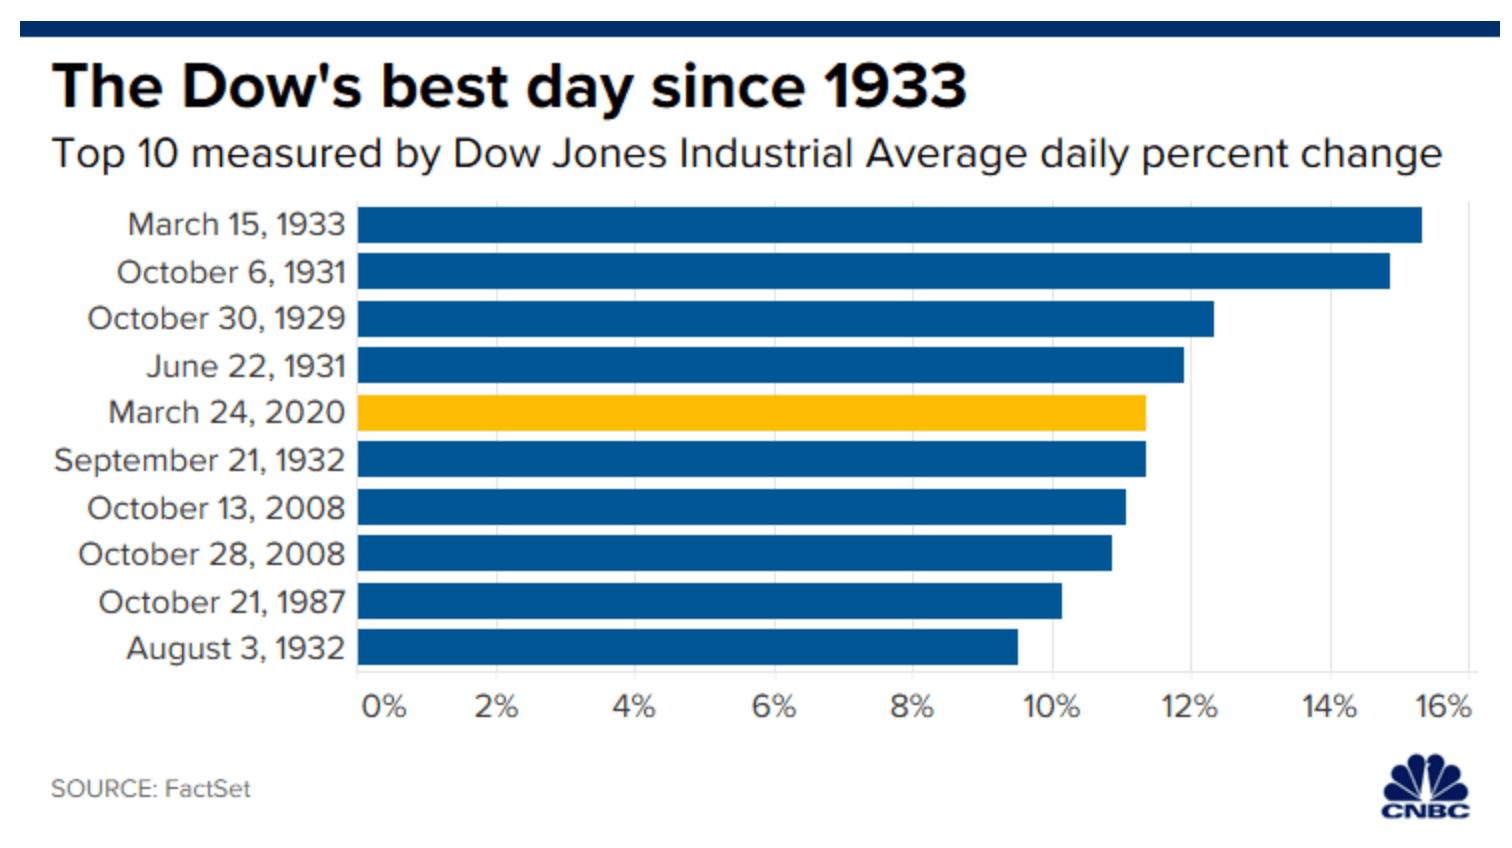 Stijgingen van de Dow Jones